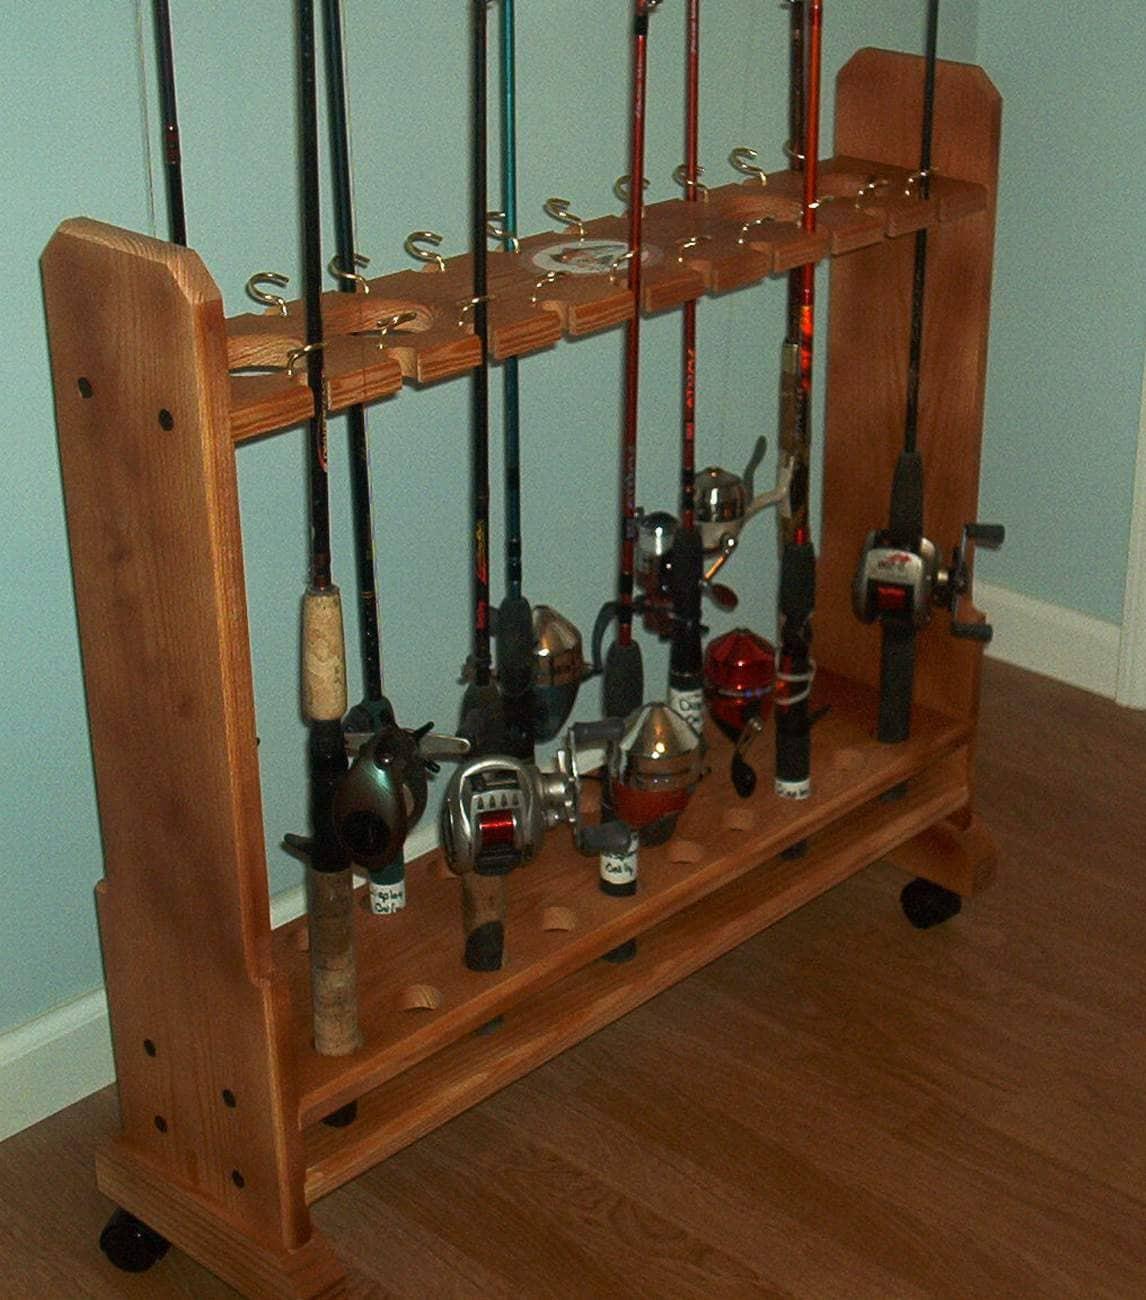 New engraved ozark wood fishing rod rack holder storage holds for Fishing rod storage